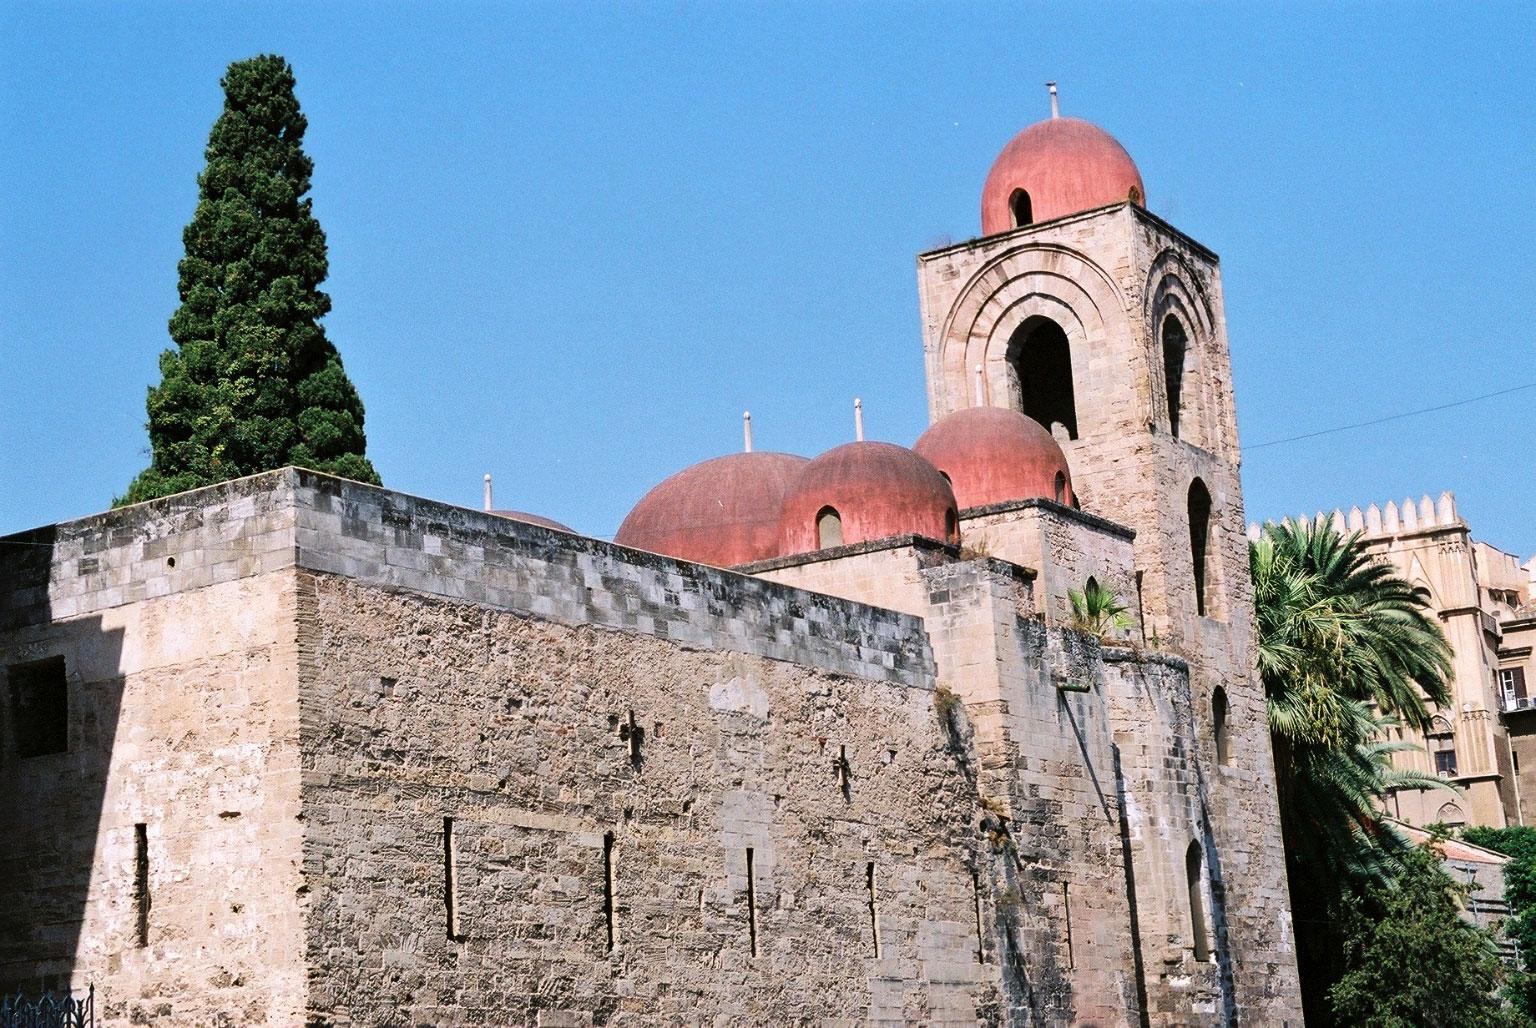 Dall'Arabia 30 mlm per restauro monumenti islamici Sicilia